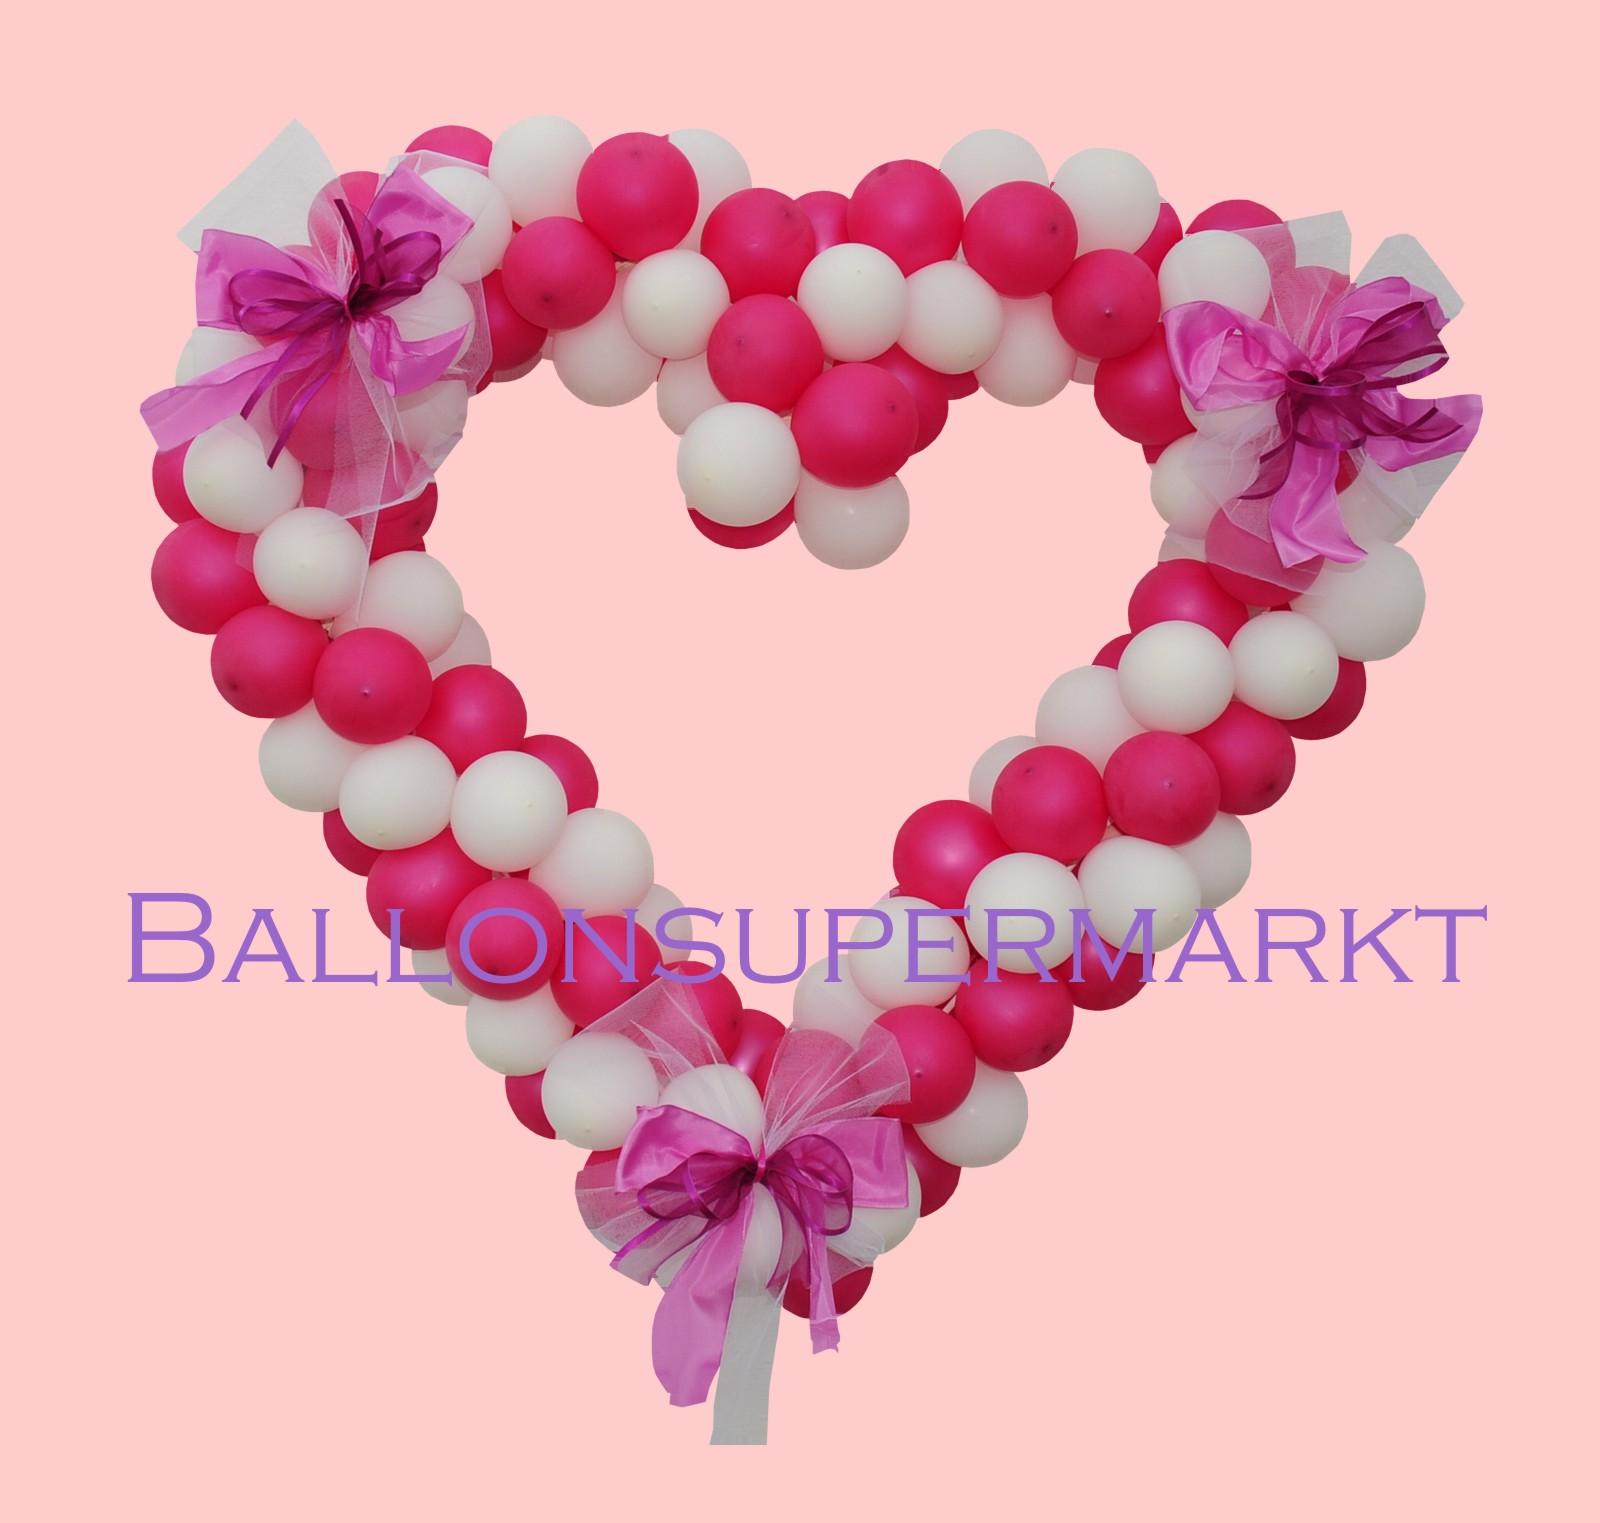 Herzliche Ballondekoration zur Hochzeit Herz aus Luftballons mit